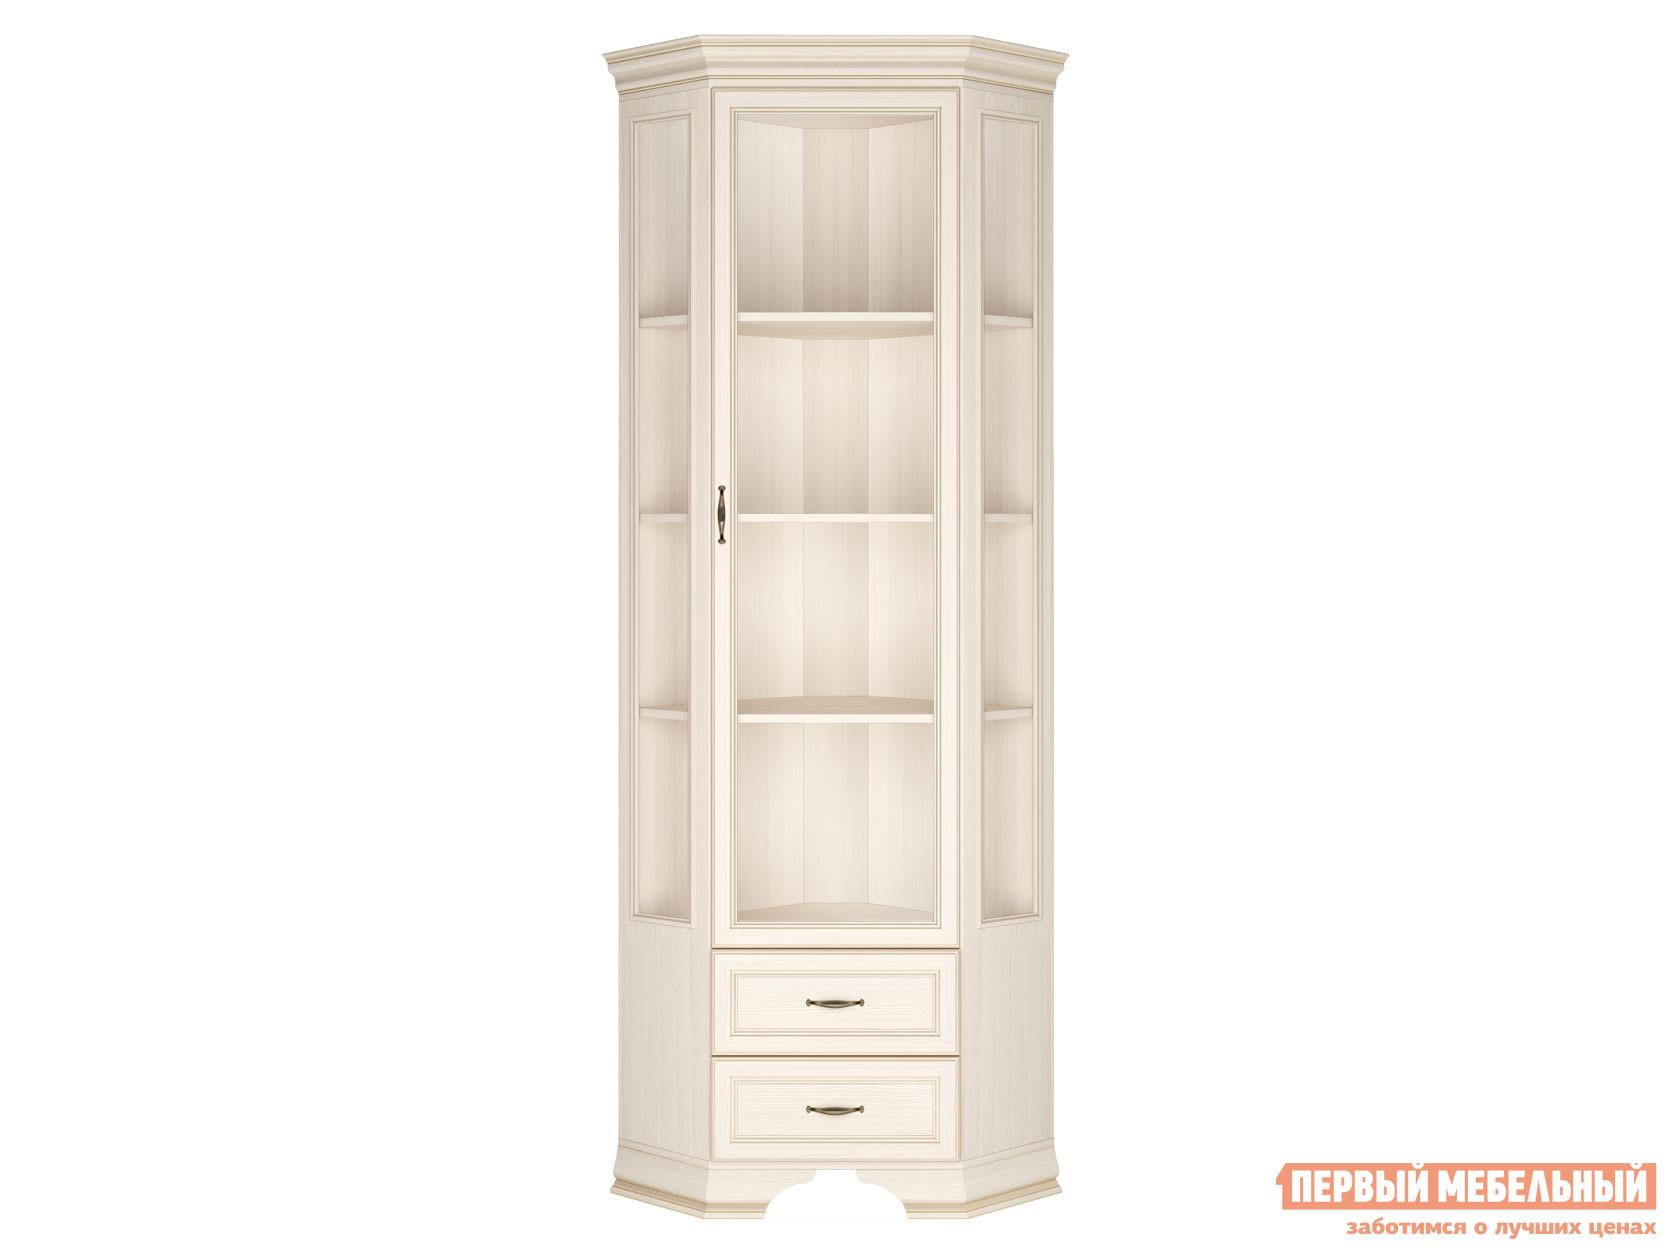 Шкаф-витрина  Шкаф витрина угловой Сиена Бодега белый, патина золото КУРАЖ 95770